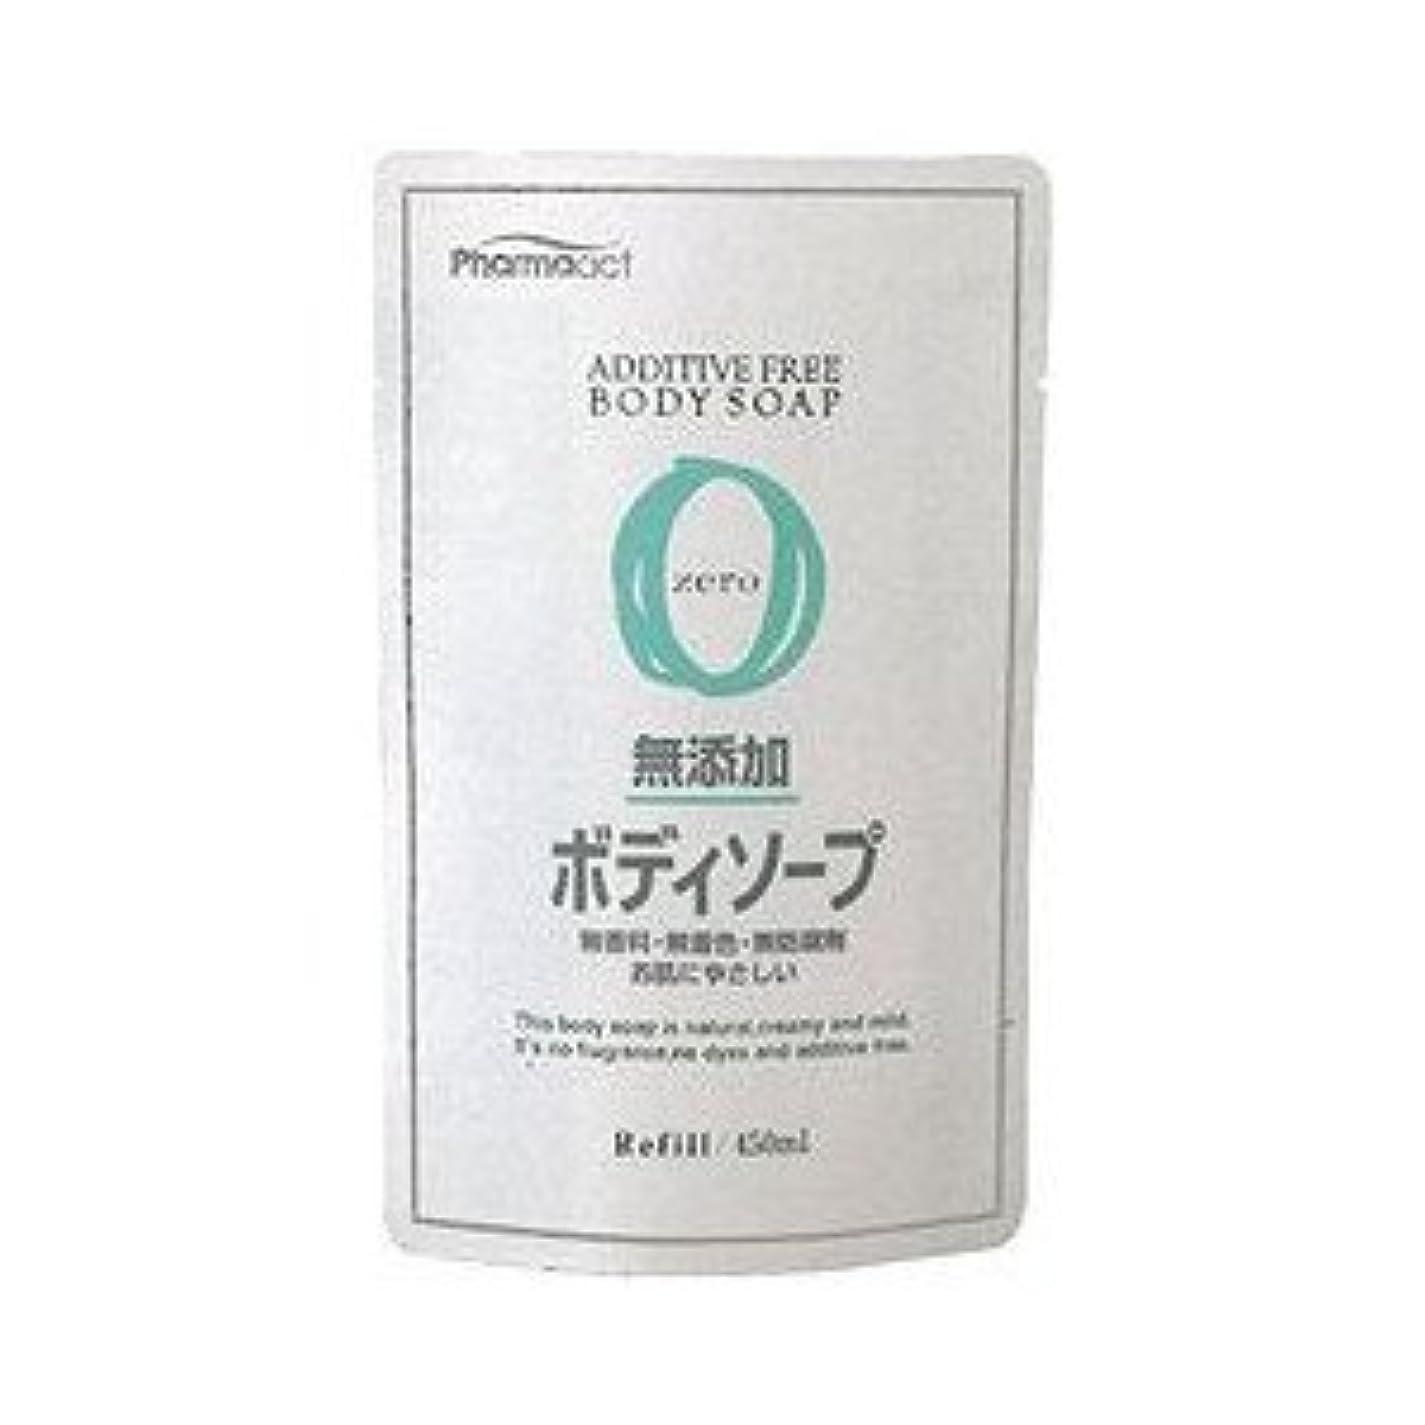 活発出くわす限り熊野油脂 ファーマアクト 無添加ボディソープ つめかえ用 450ml×24点セット  香料?着色料?防腐剤は使用しておりません